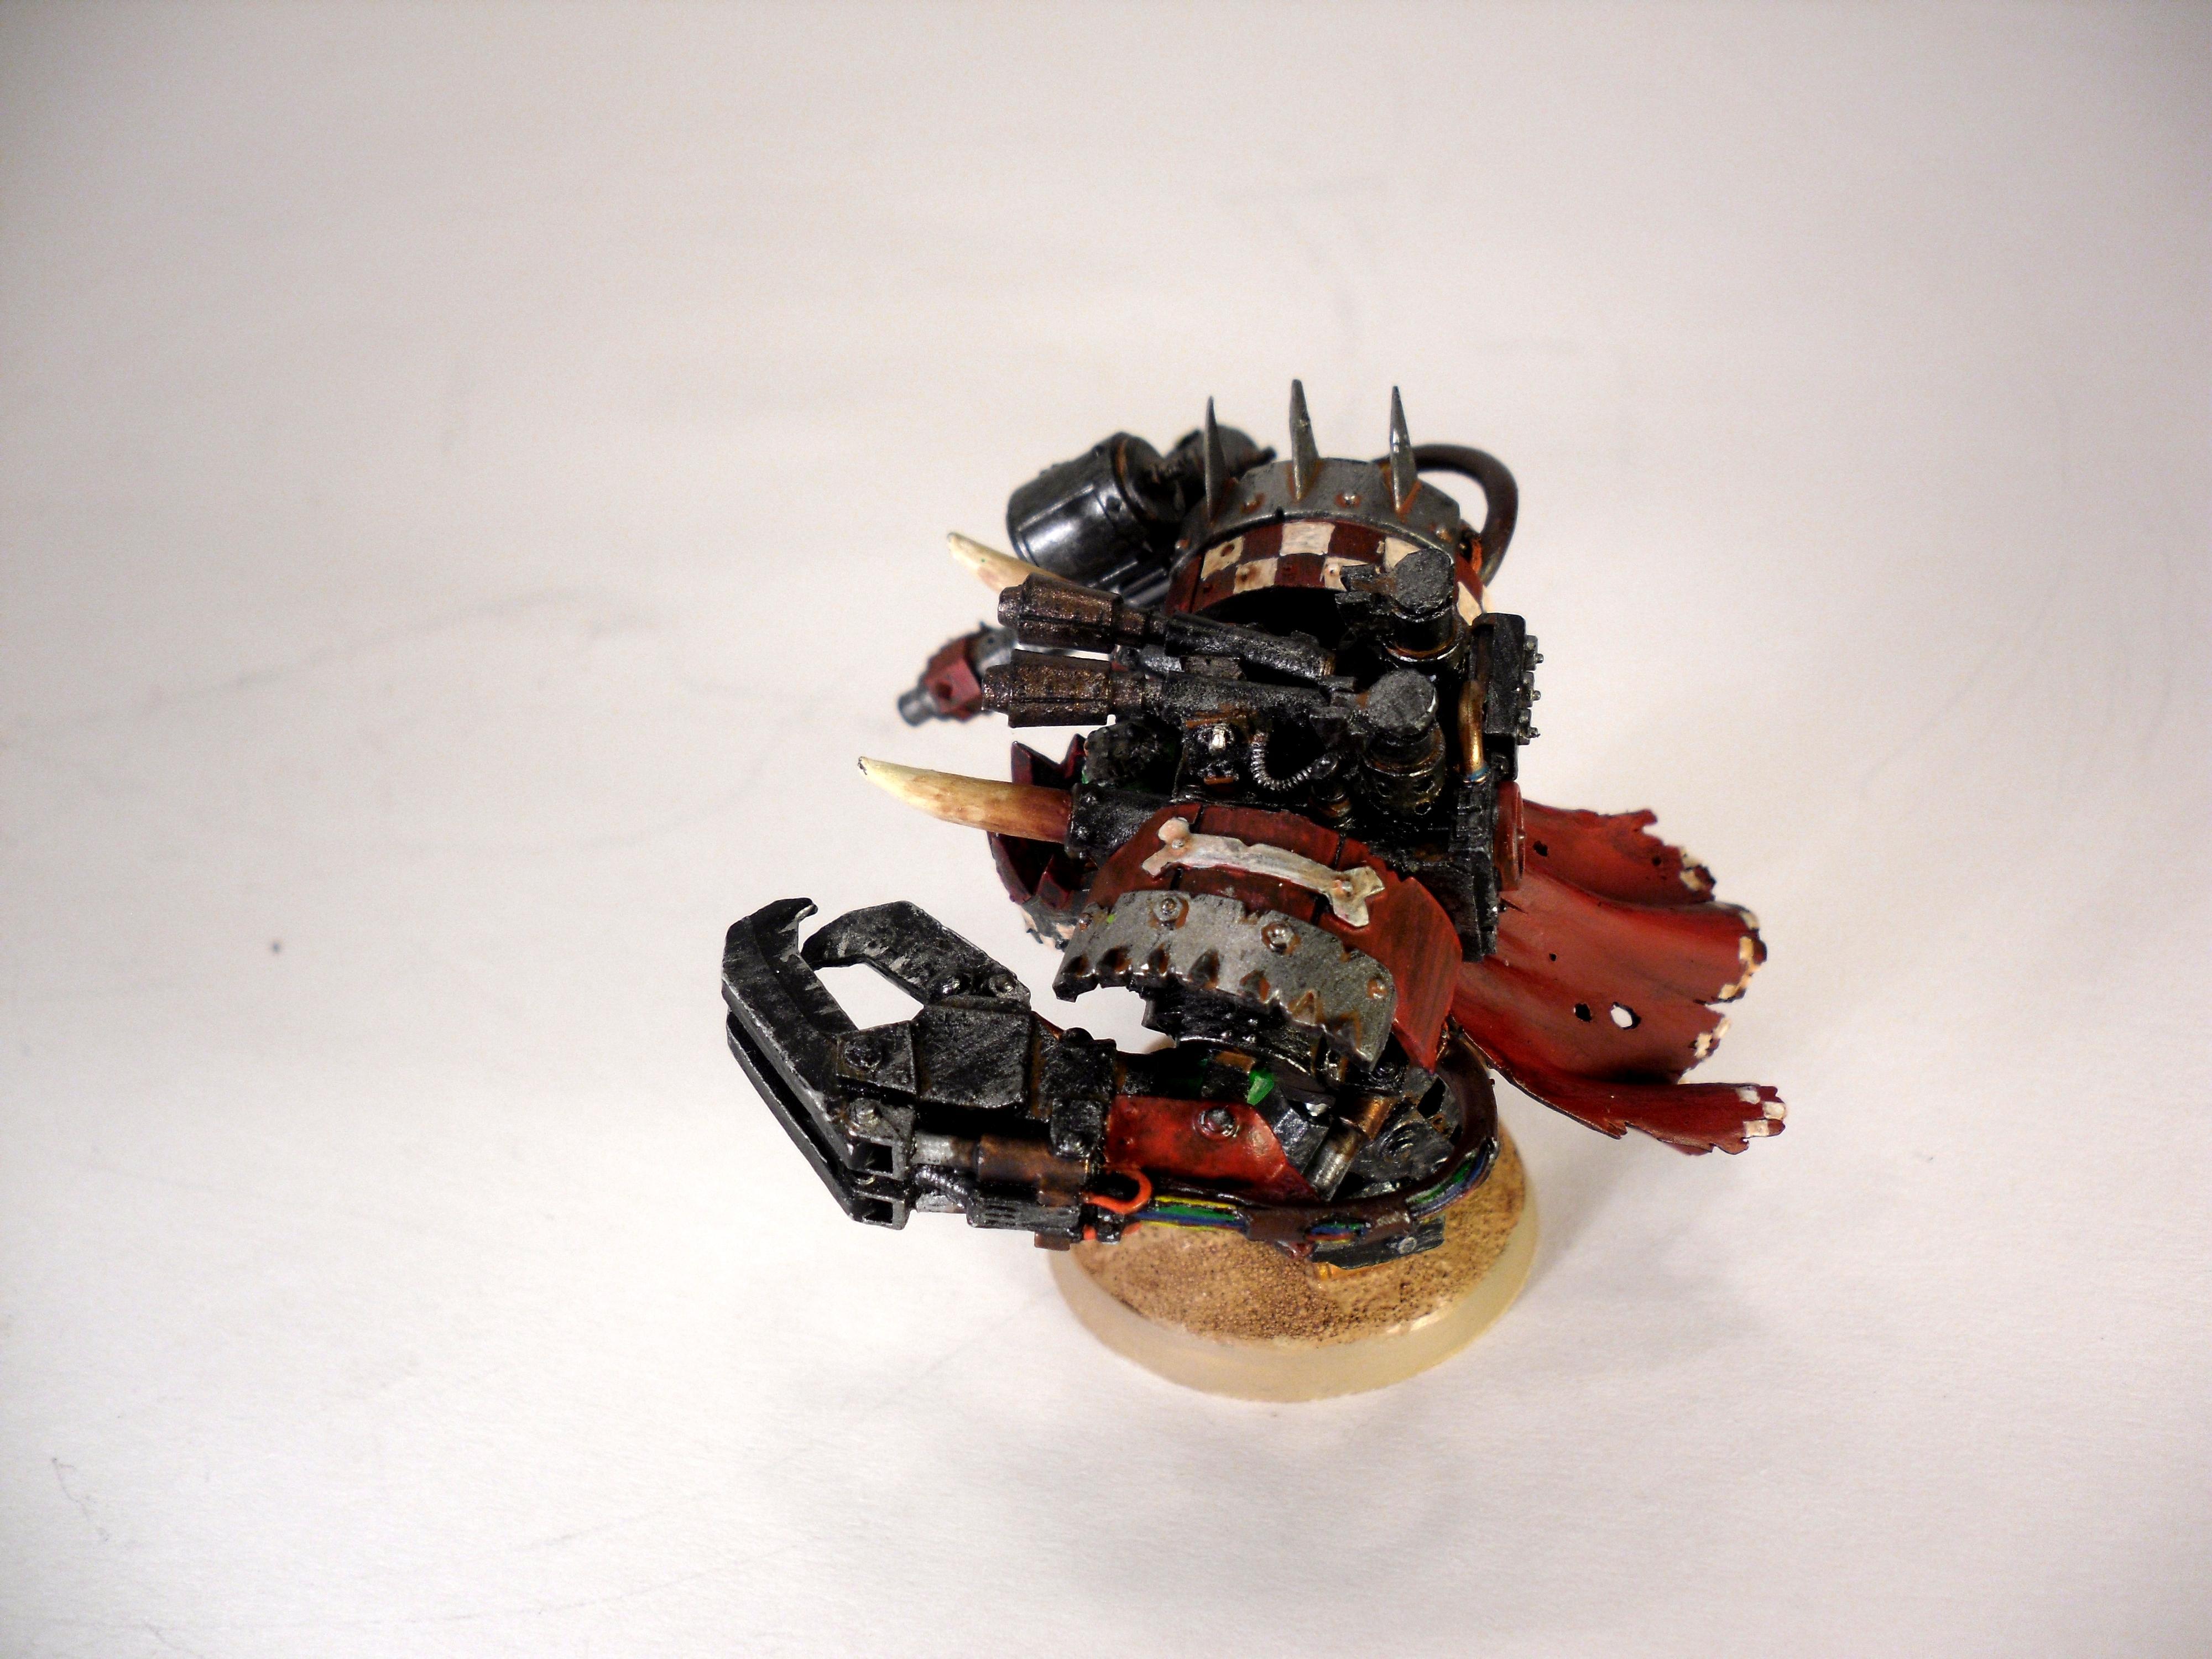 Ghazghkull Thraka, Mega Armor, Warboss